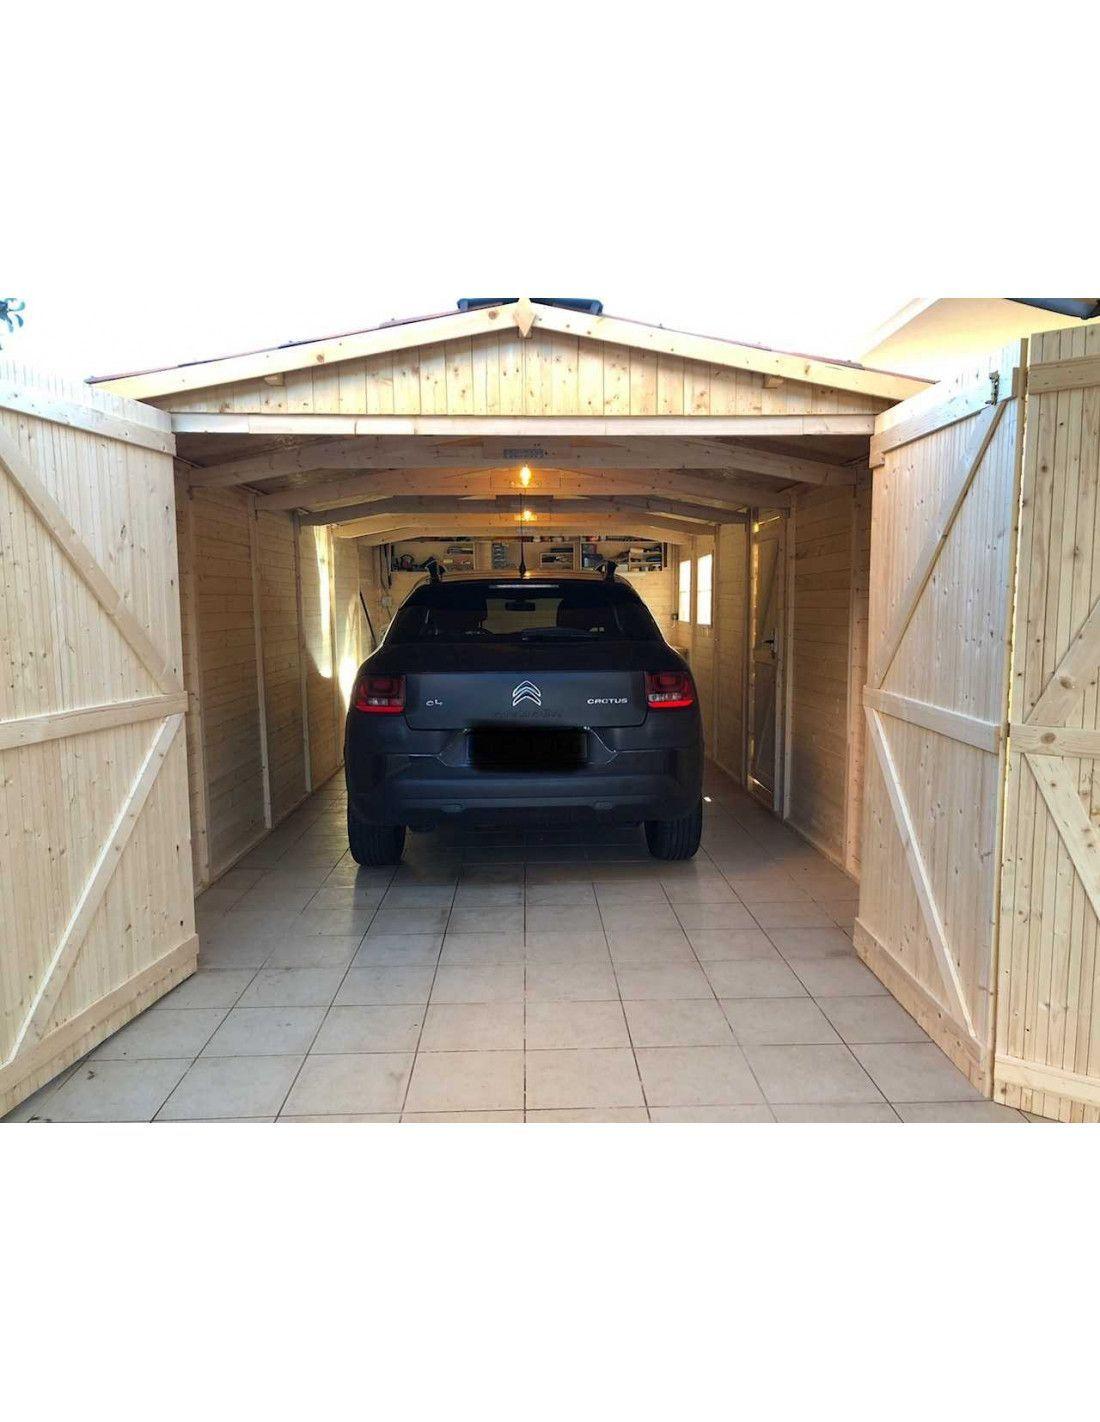 Garaje madera modelo mikhail ii 3x6 m 19mm de espesor - Garajes prefabricados de madera ...